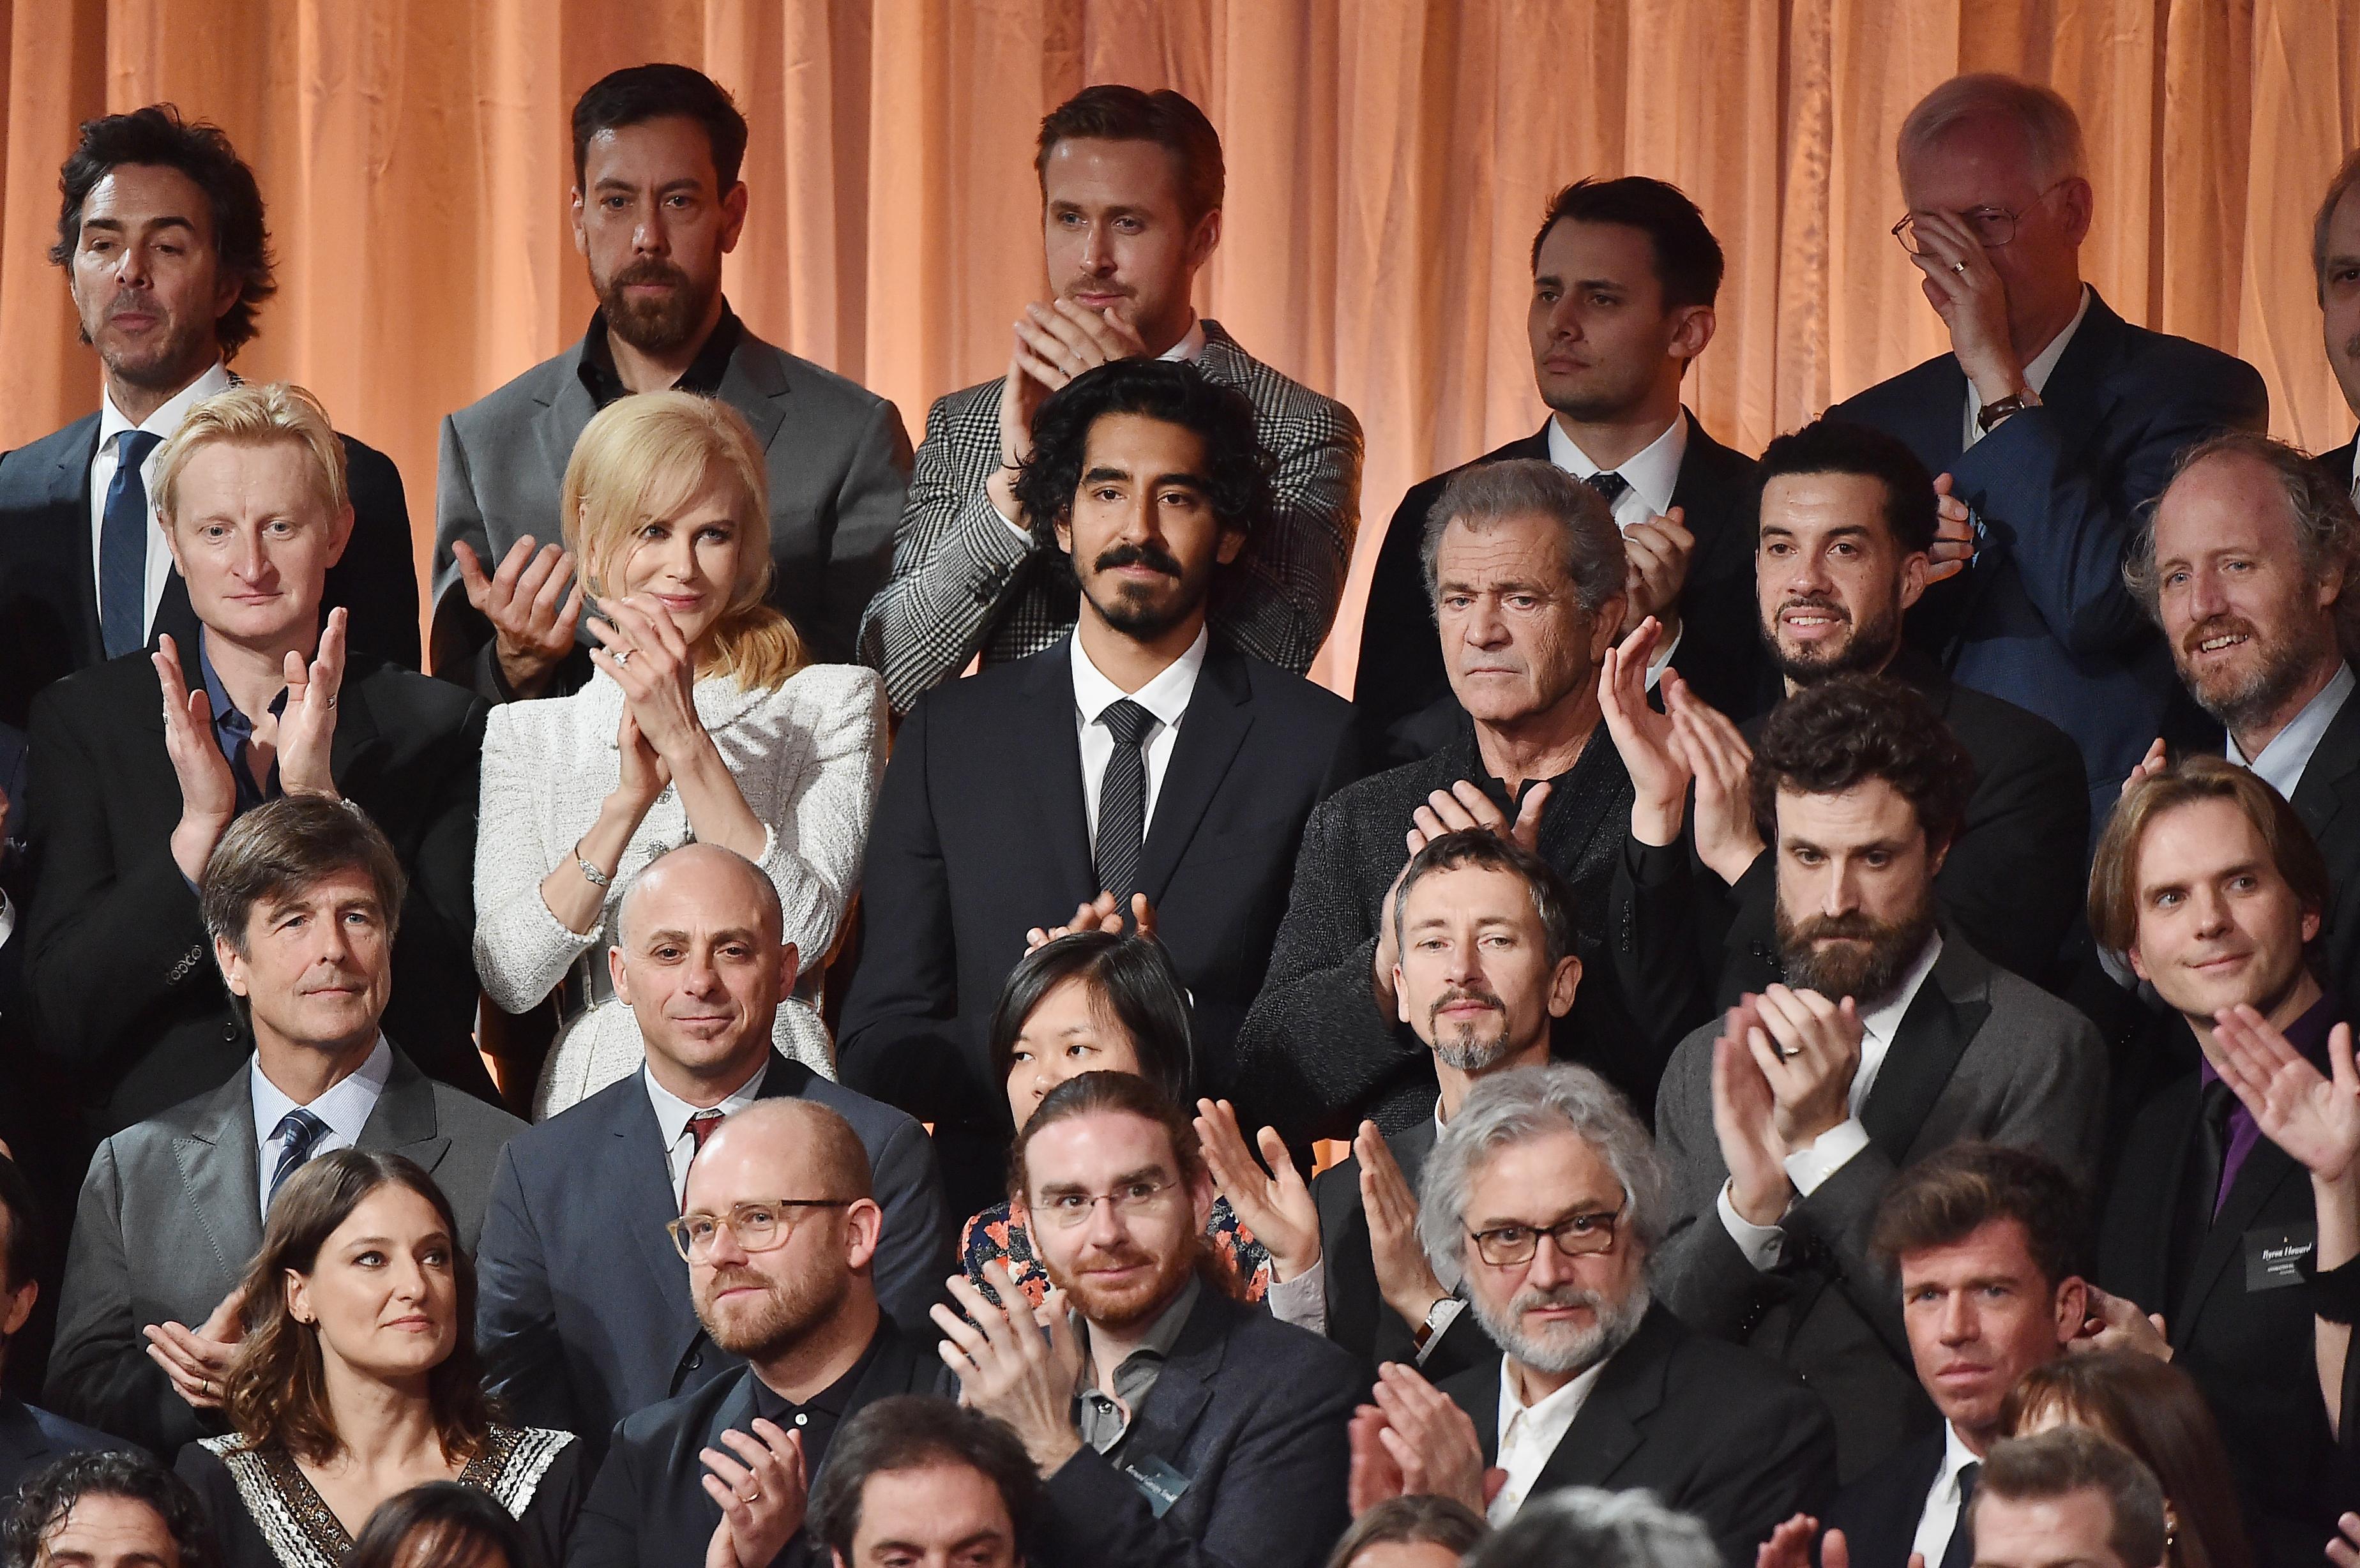 Oscar nominees class photo 2016 NOMINEES « BEFFTA AWARDS